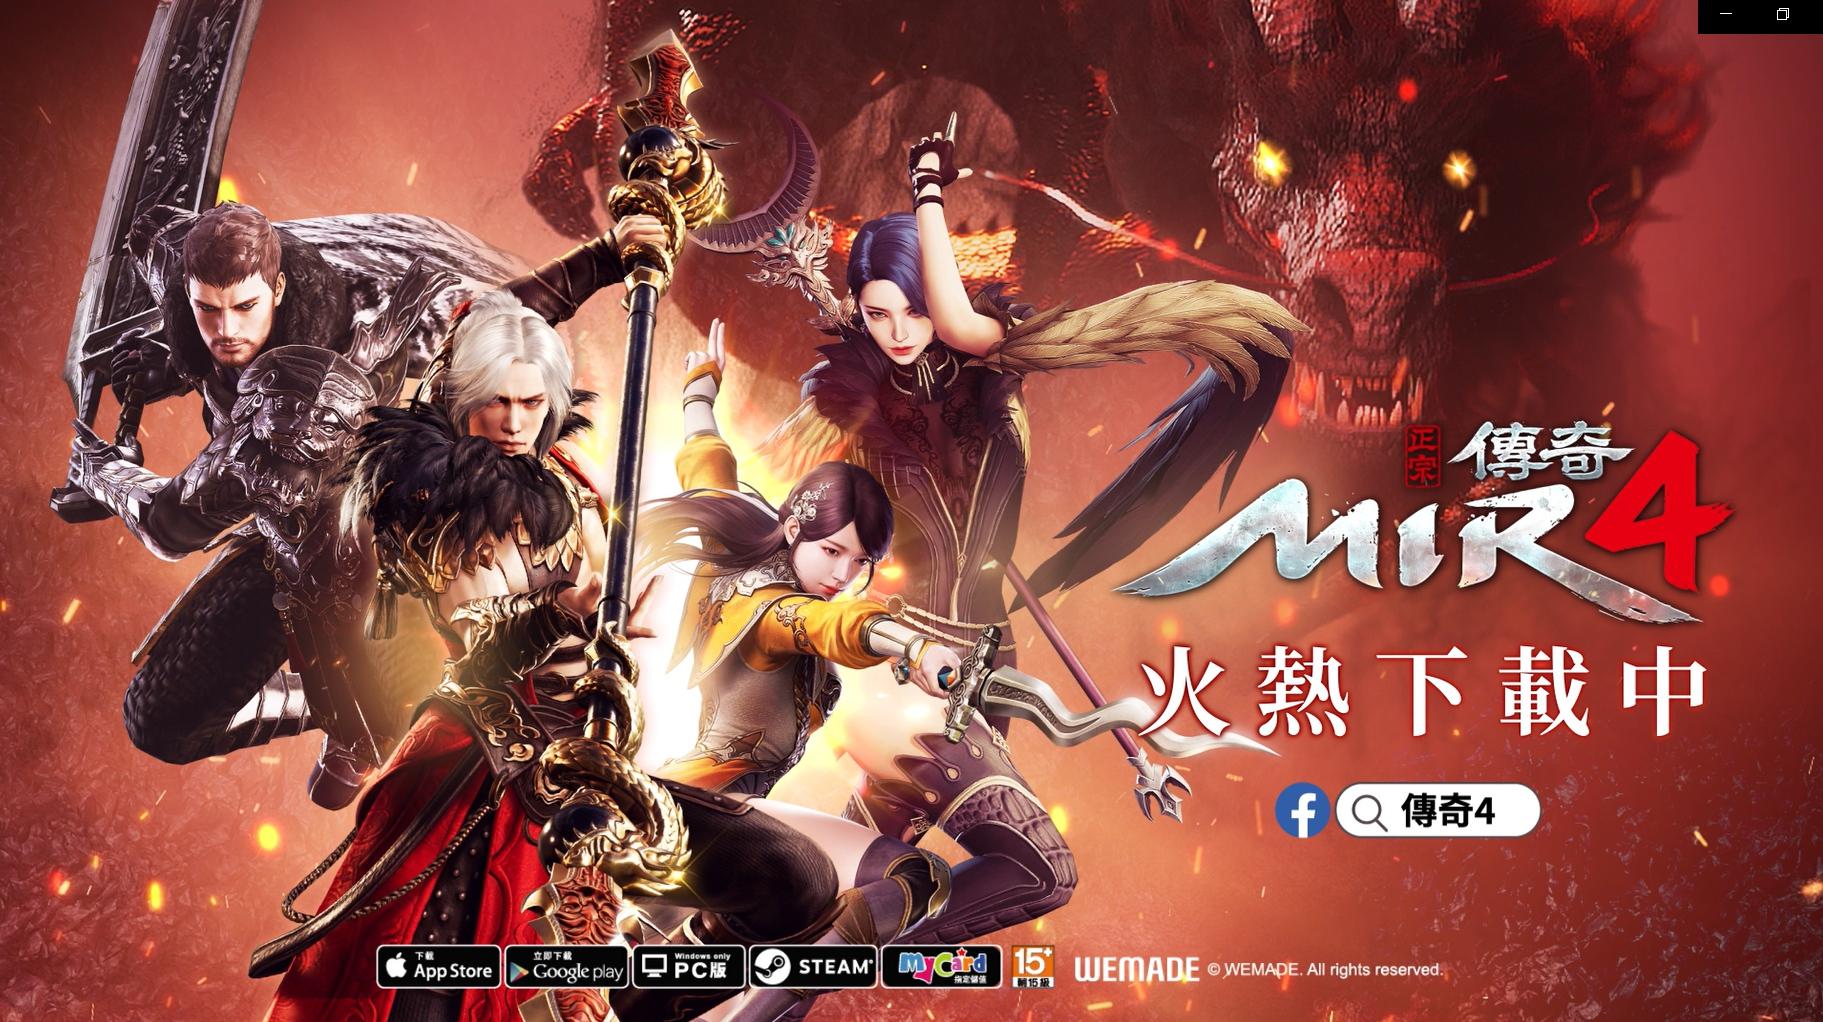 全新玩法《传奇4》,韩式武侠风满满,带你领略东方魔幻世界